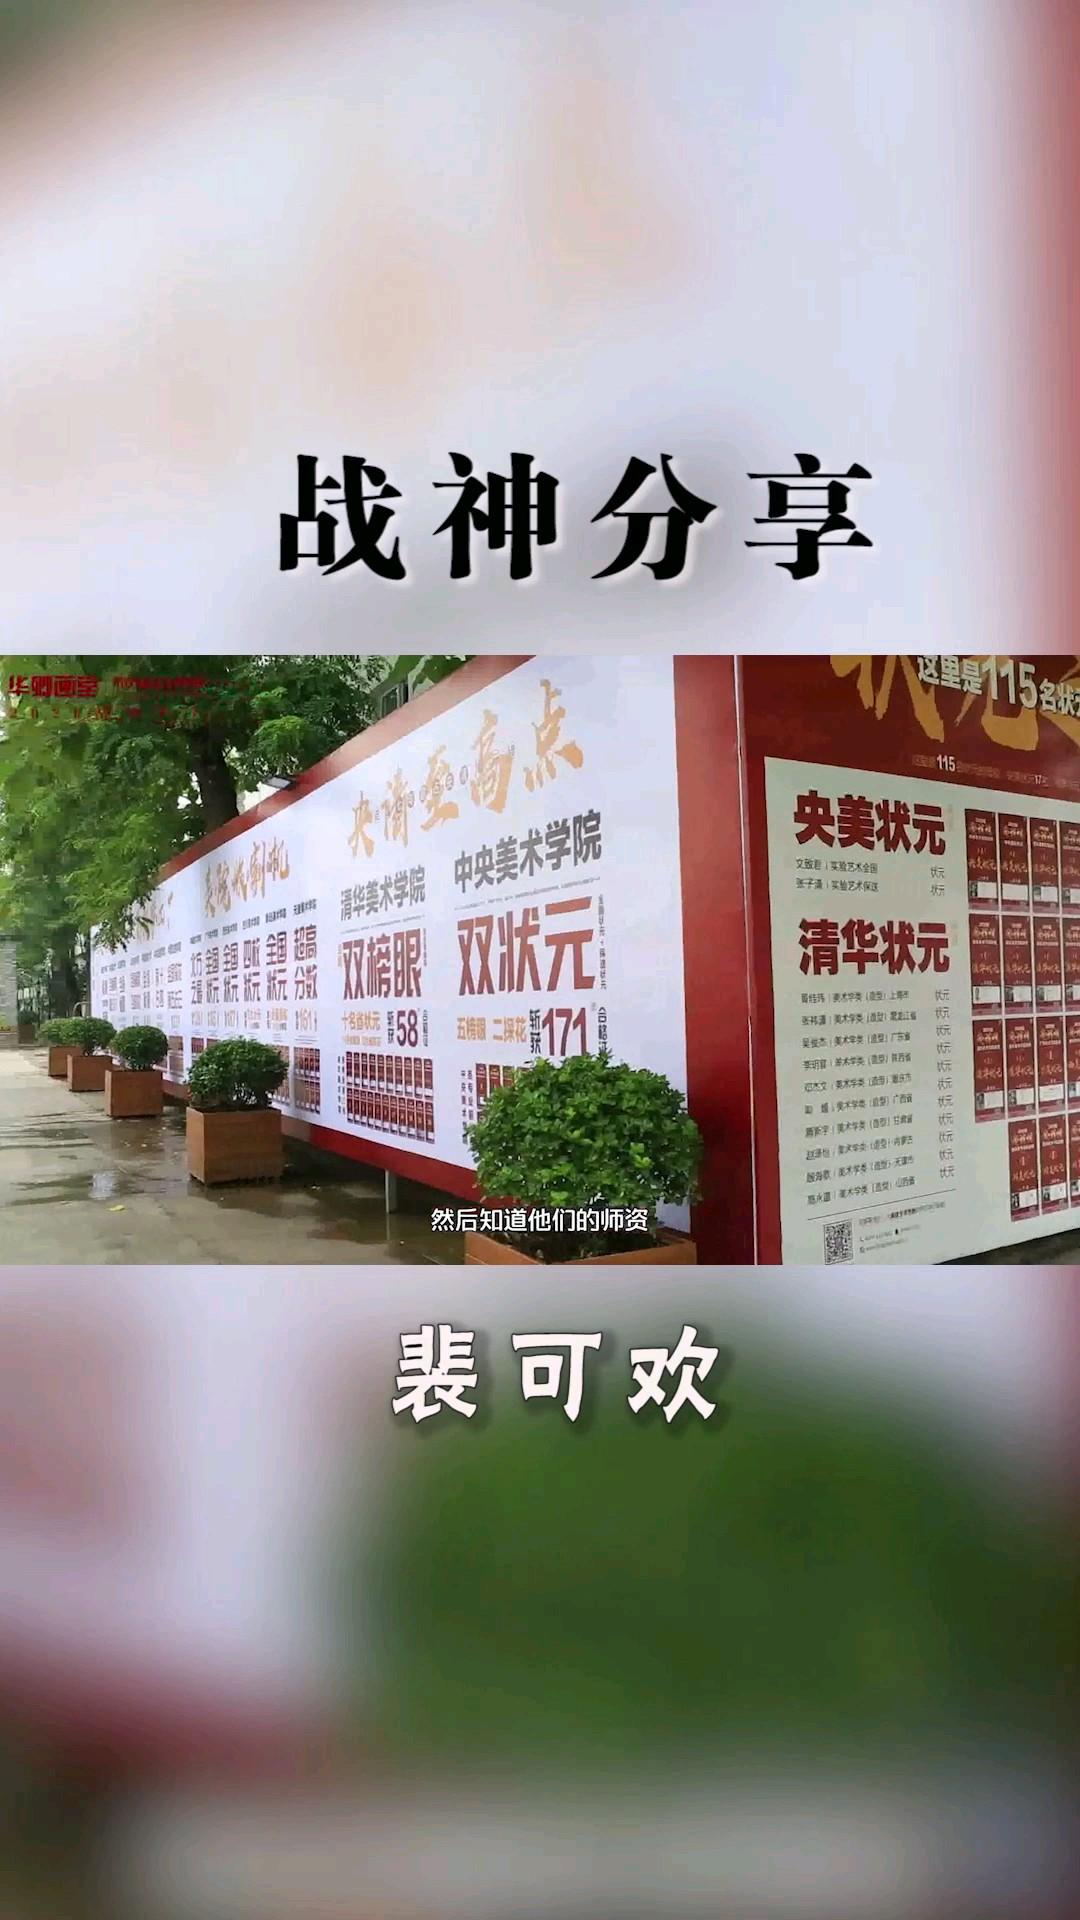 從甘肅到北京,就是為了這間最牛的畫室。 #美術生